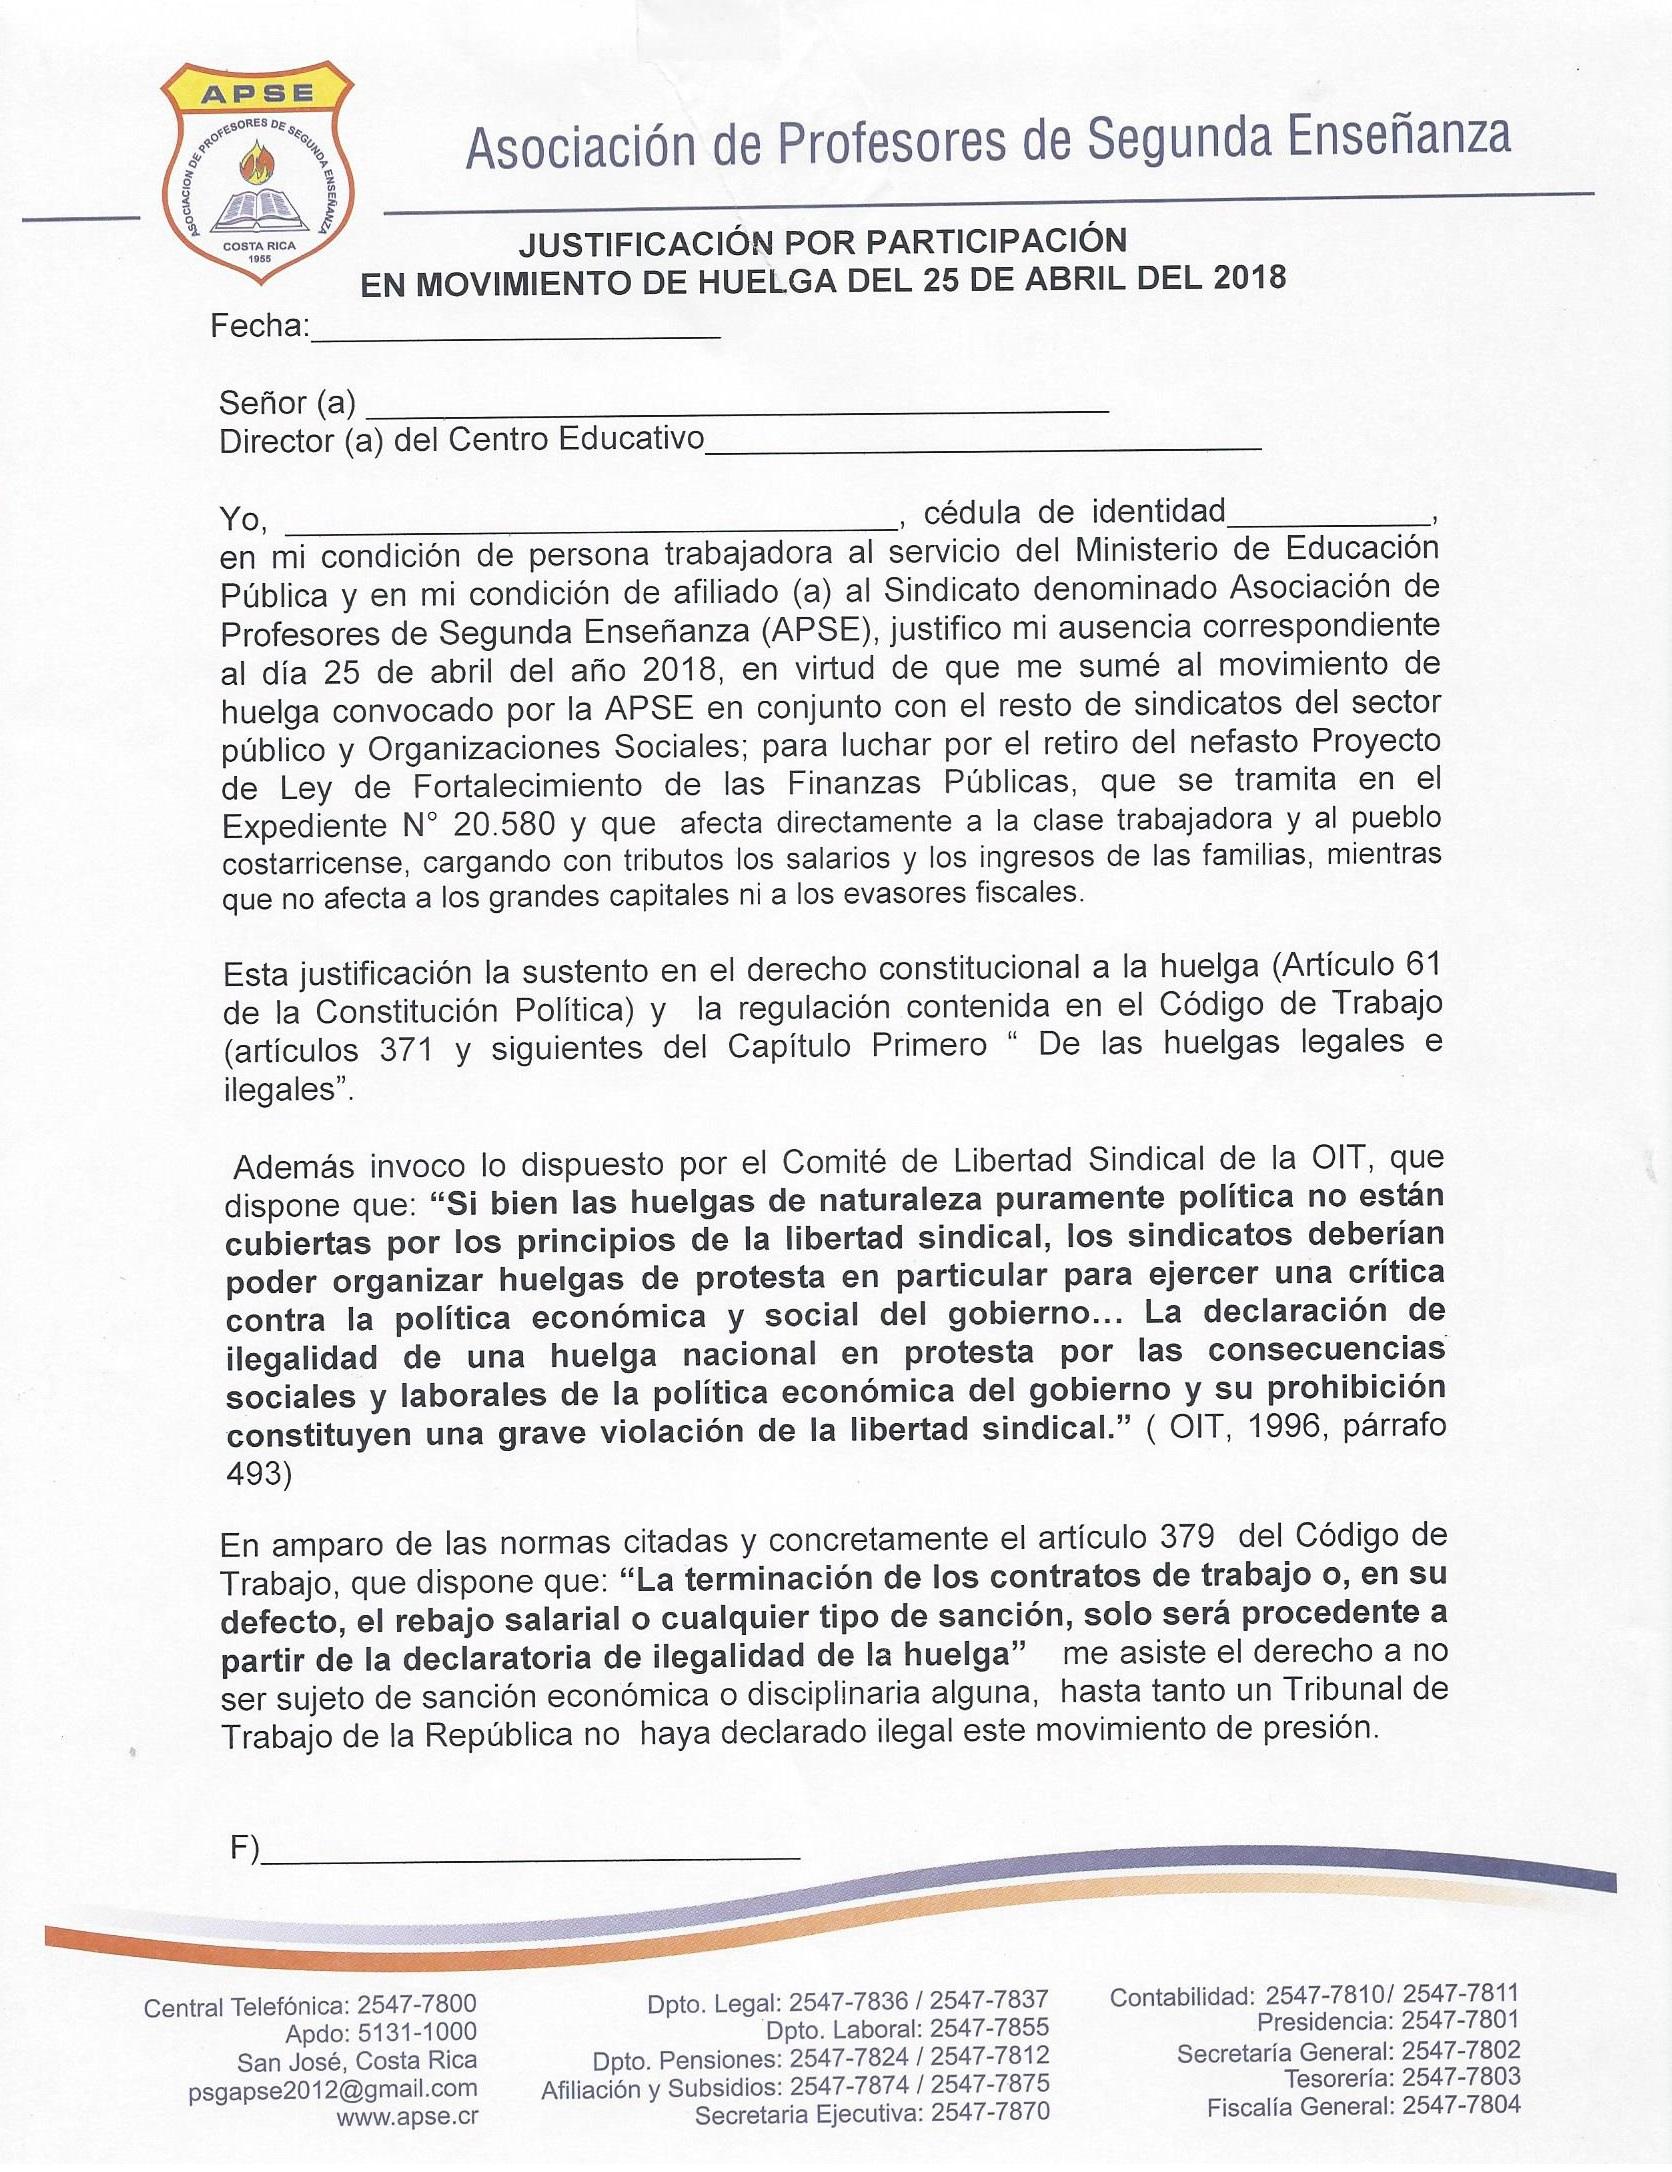 JUSTIFICACIÓN POR PARTICIPACIÓN EN EL MOVIMIENTO DE HUELGA DEL 25 DE ABRIL DEL 2018